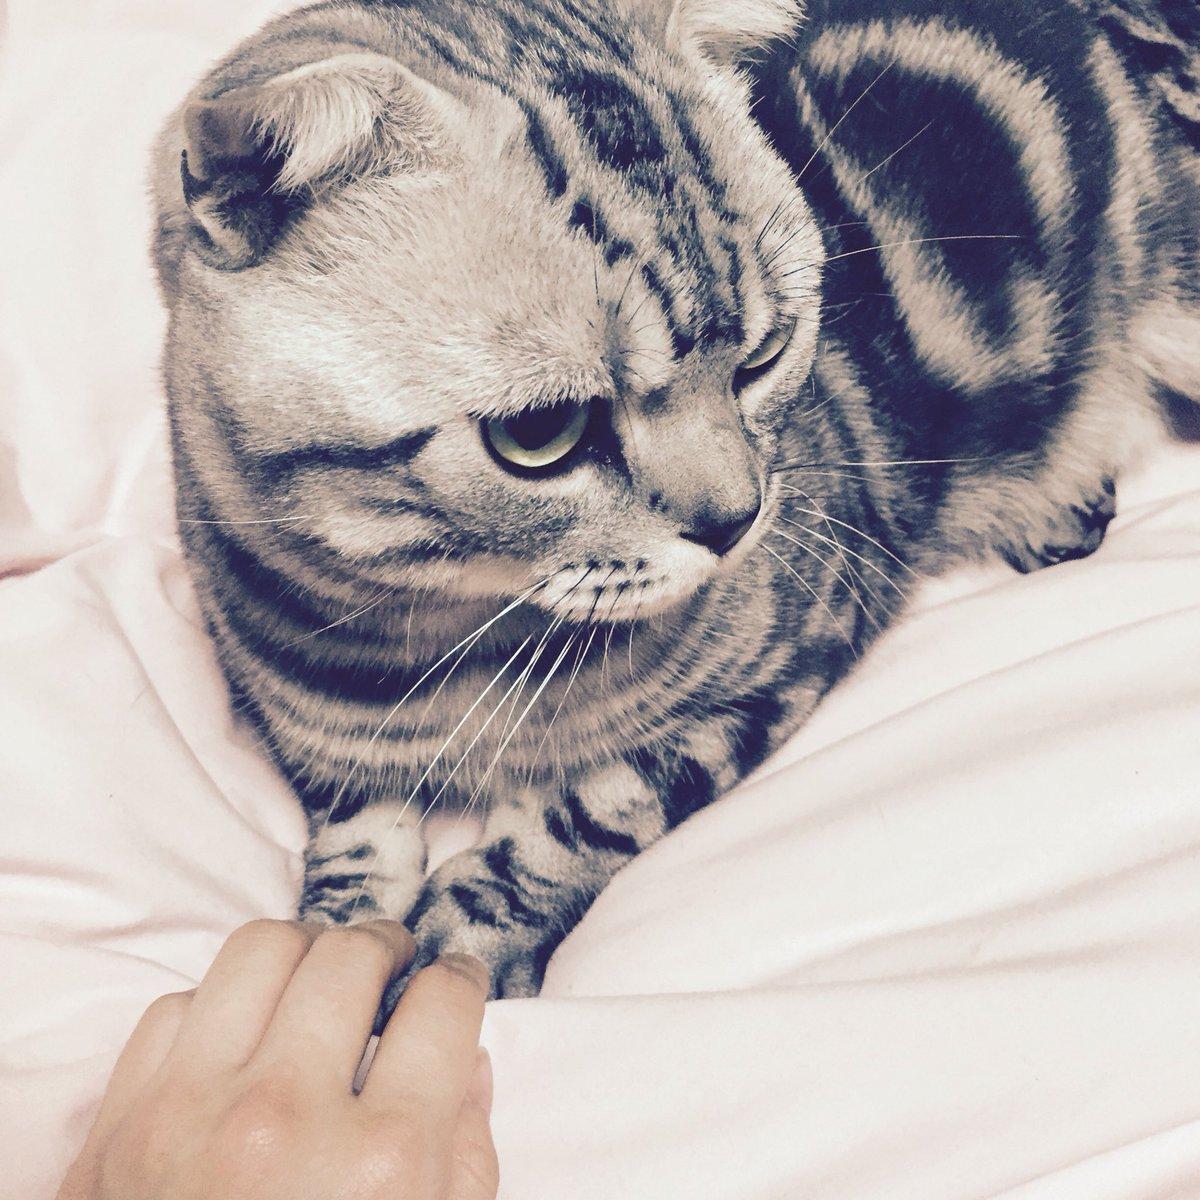 二日間の泊まりから帰ってきたら、 猫様がベッドの主人になってる。。  猫あるある。  おはようござい…